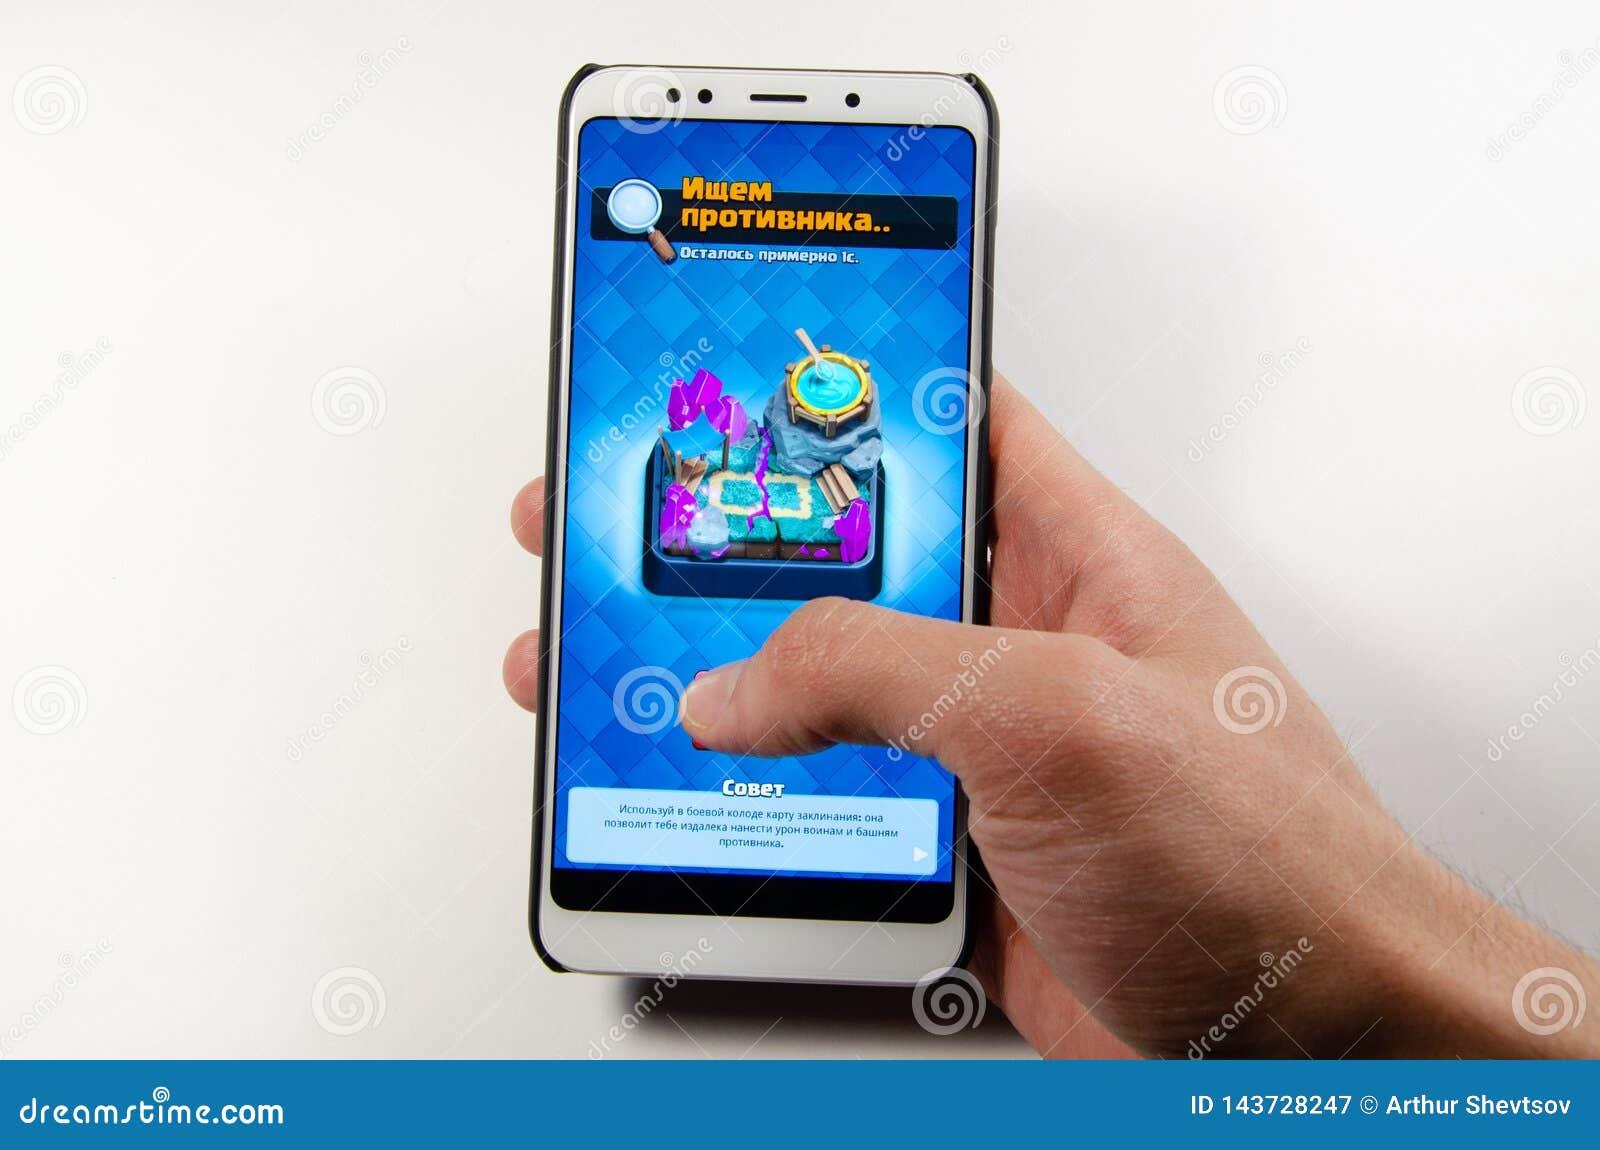 April, 2019. Kramatorsk, Ukraine. Mobile application and games